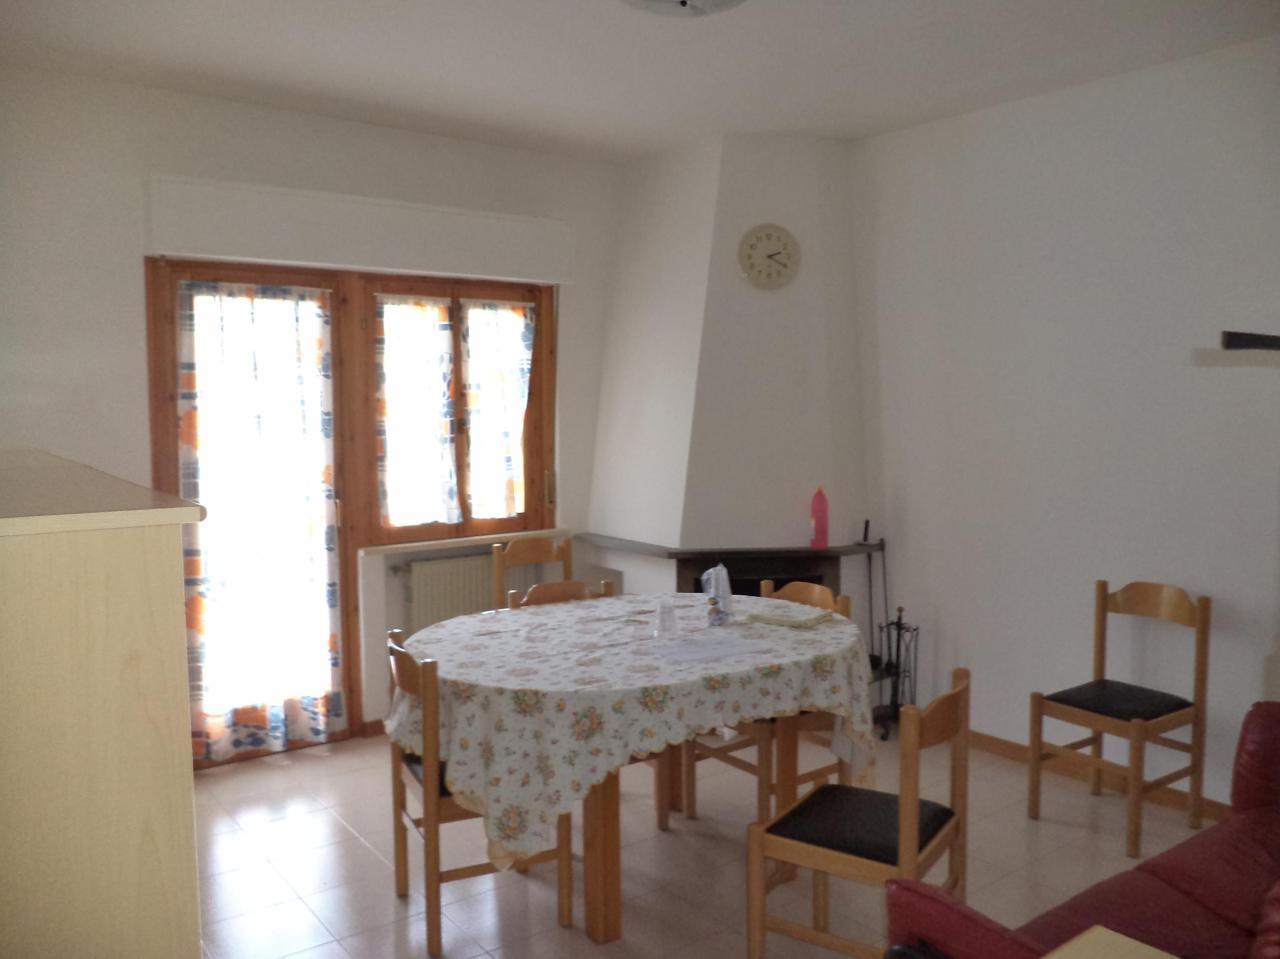 Appartamento in vendita a Caramanico Terme, 5 locali, prezzo € 75.000 | PortaleAgenzieImmobiliari.it